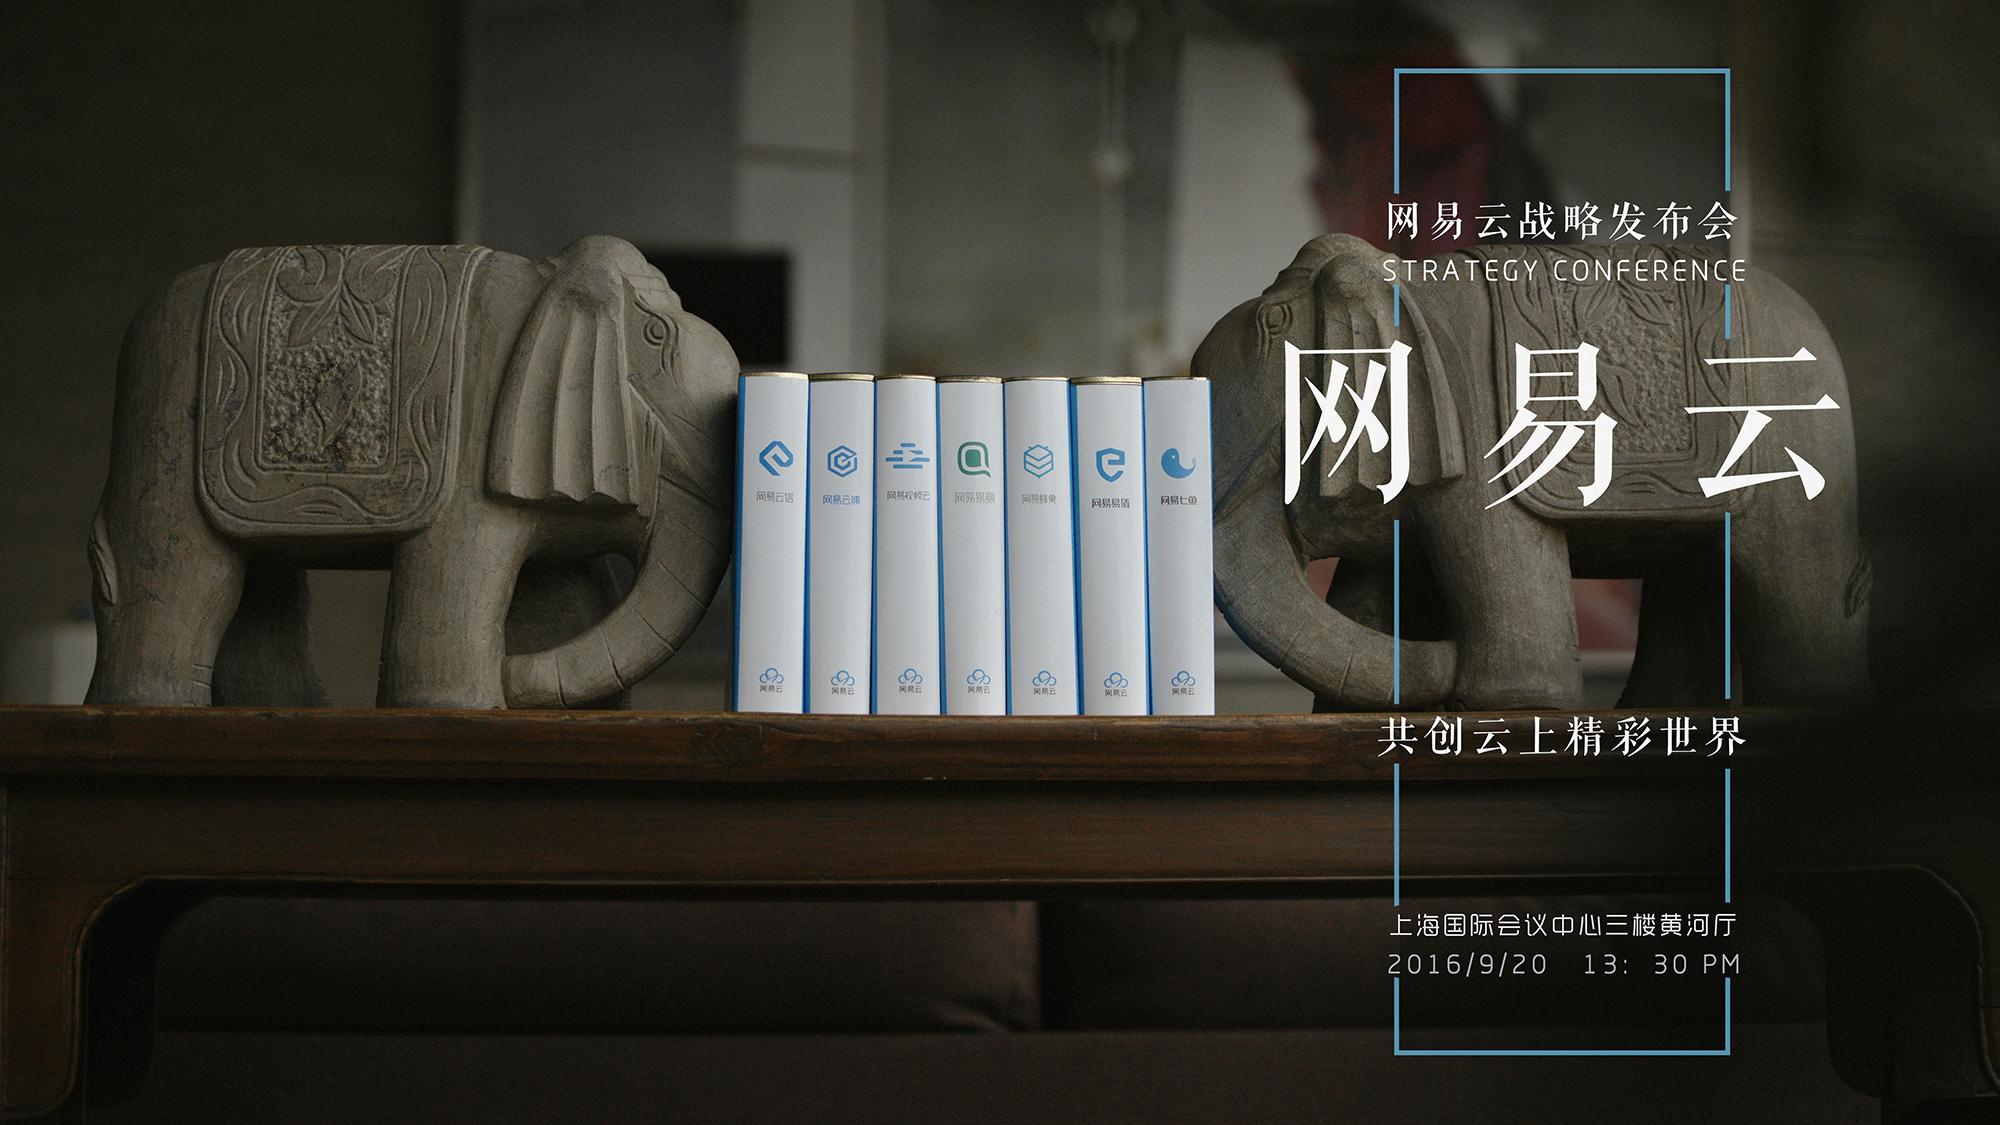 9.20网易云发布会,云计算市场再迎巨头玩家